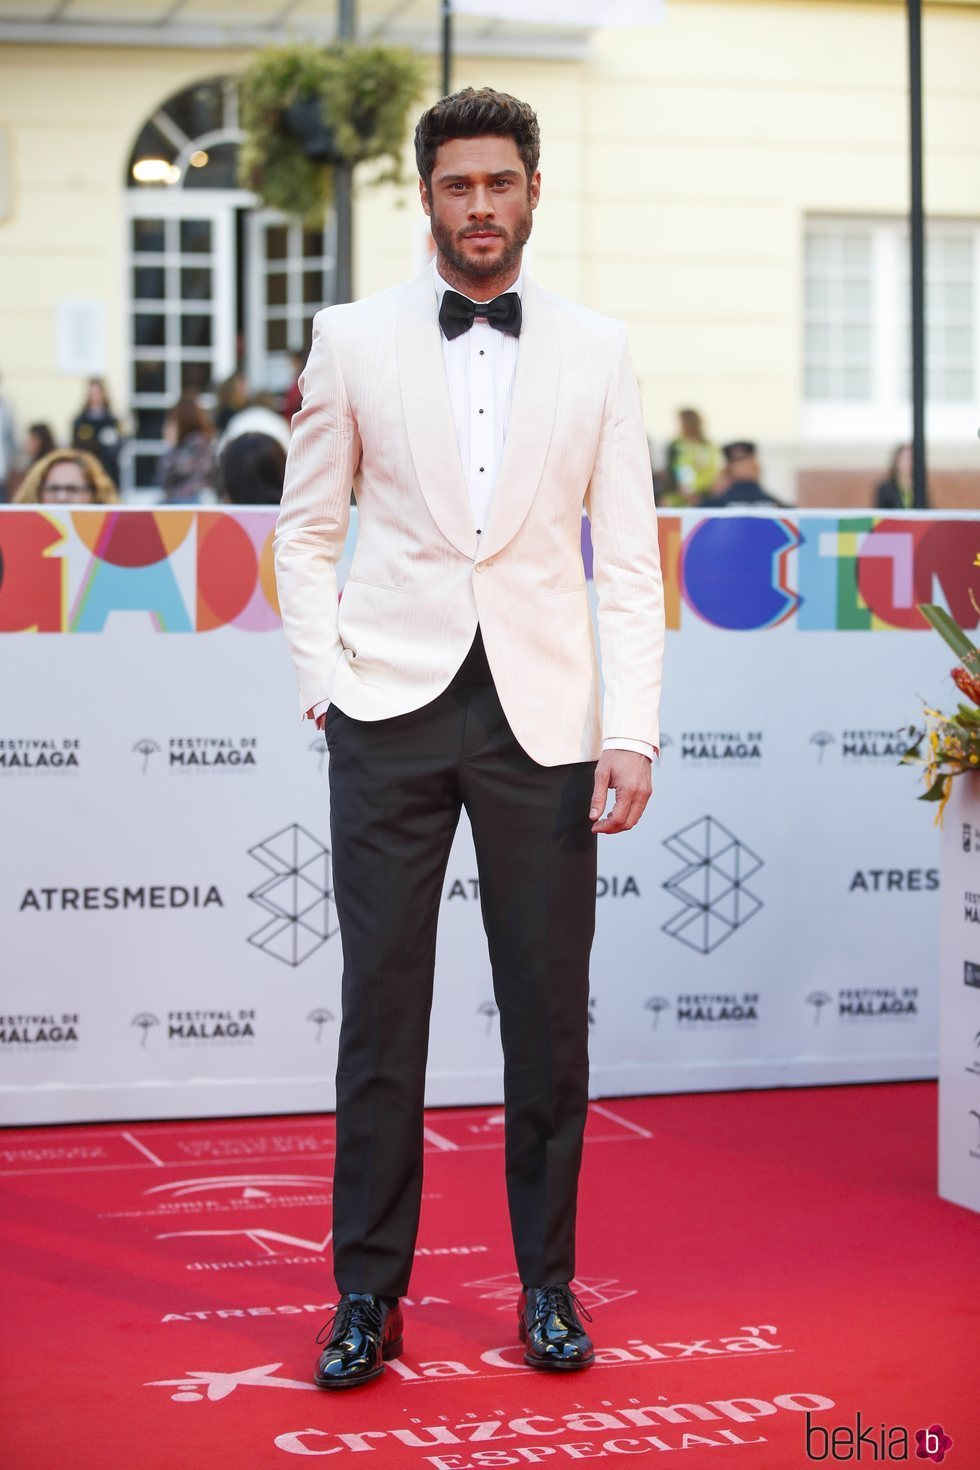 Jose Lamuño en la alfombra roja del Festival de Cine de Málaga 2019